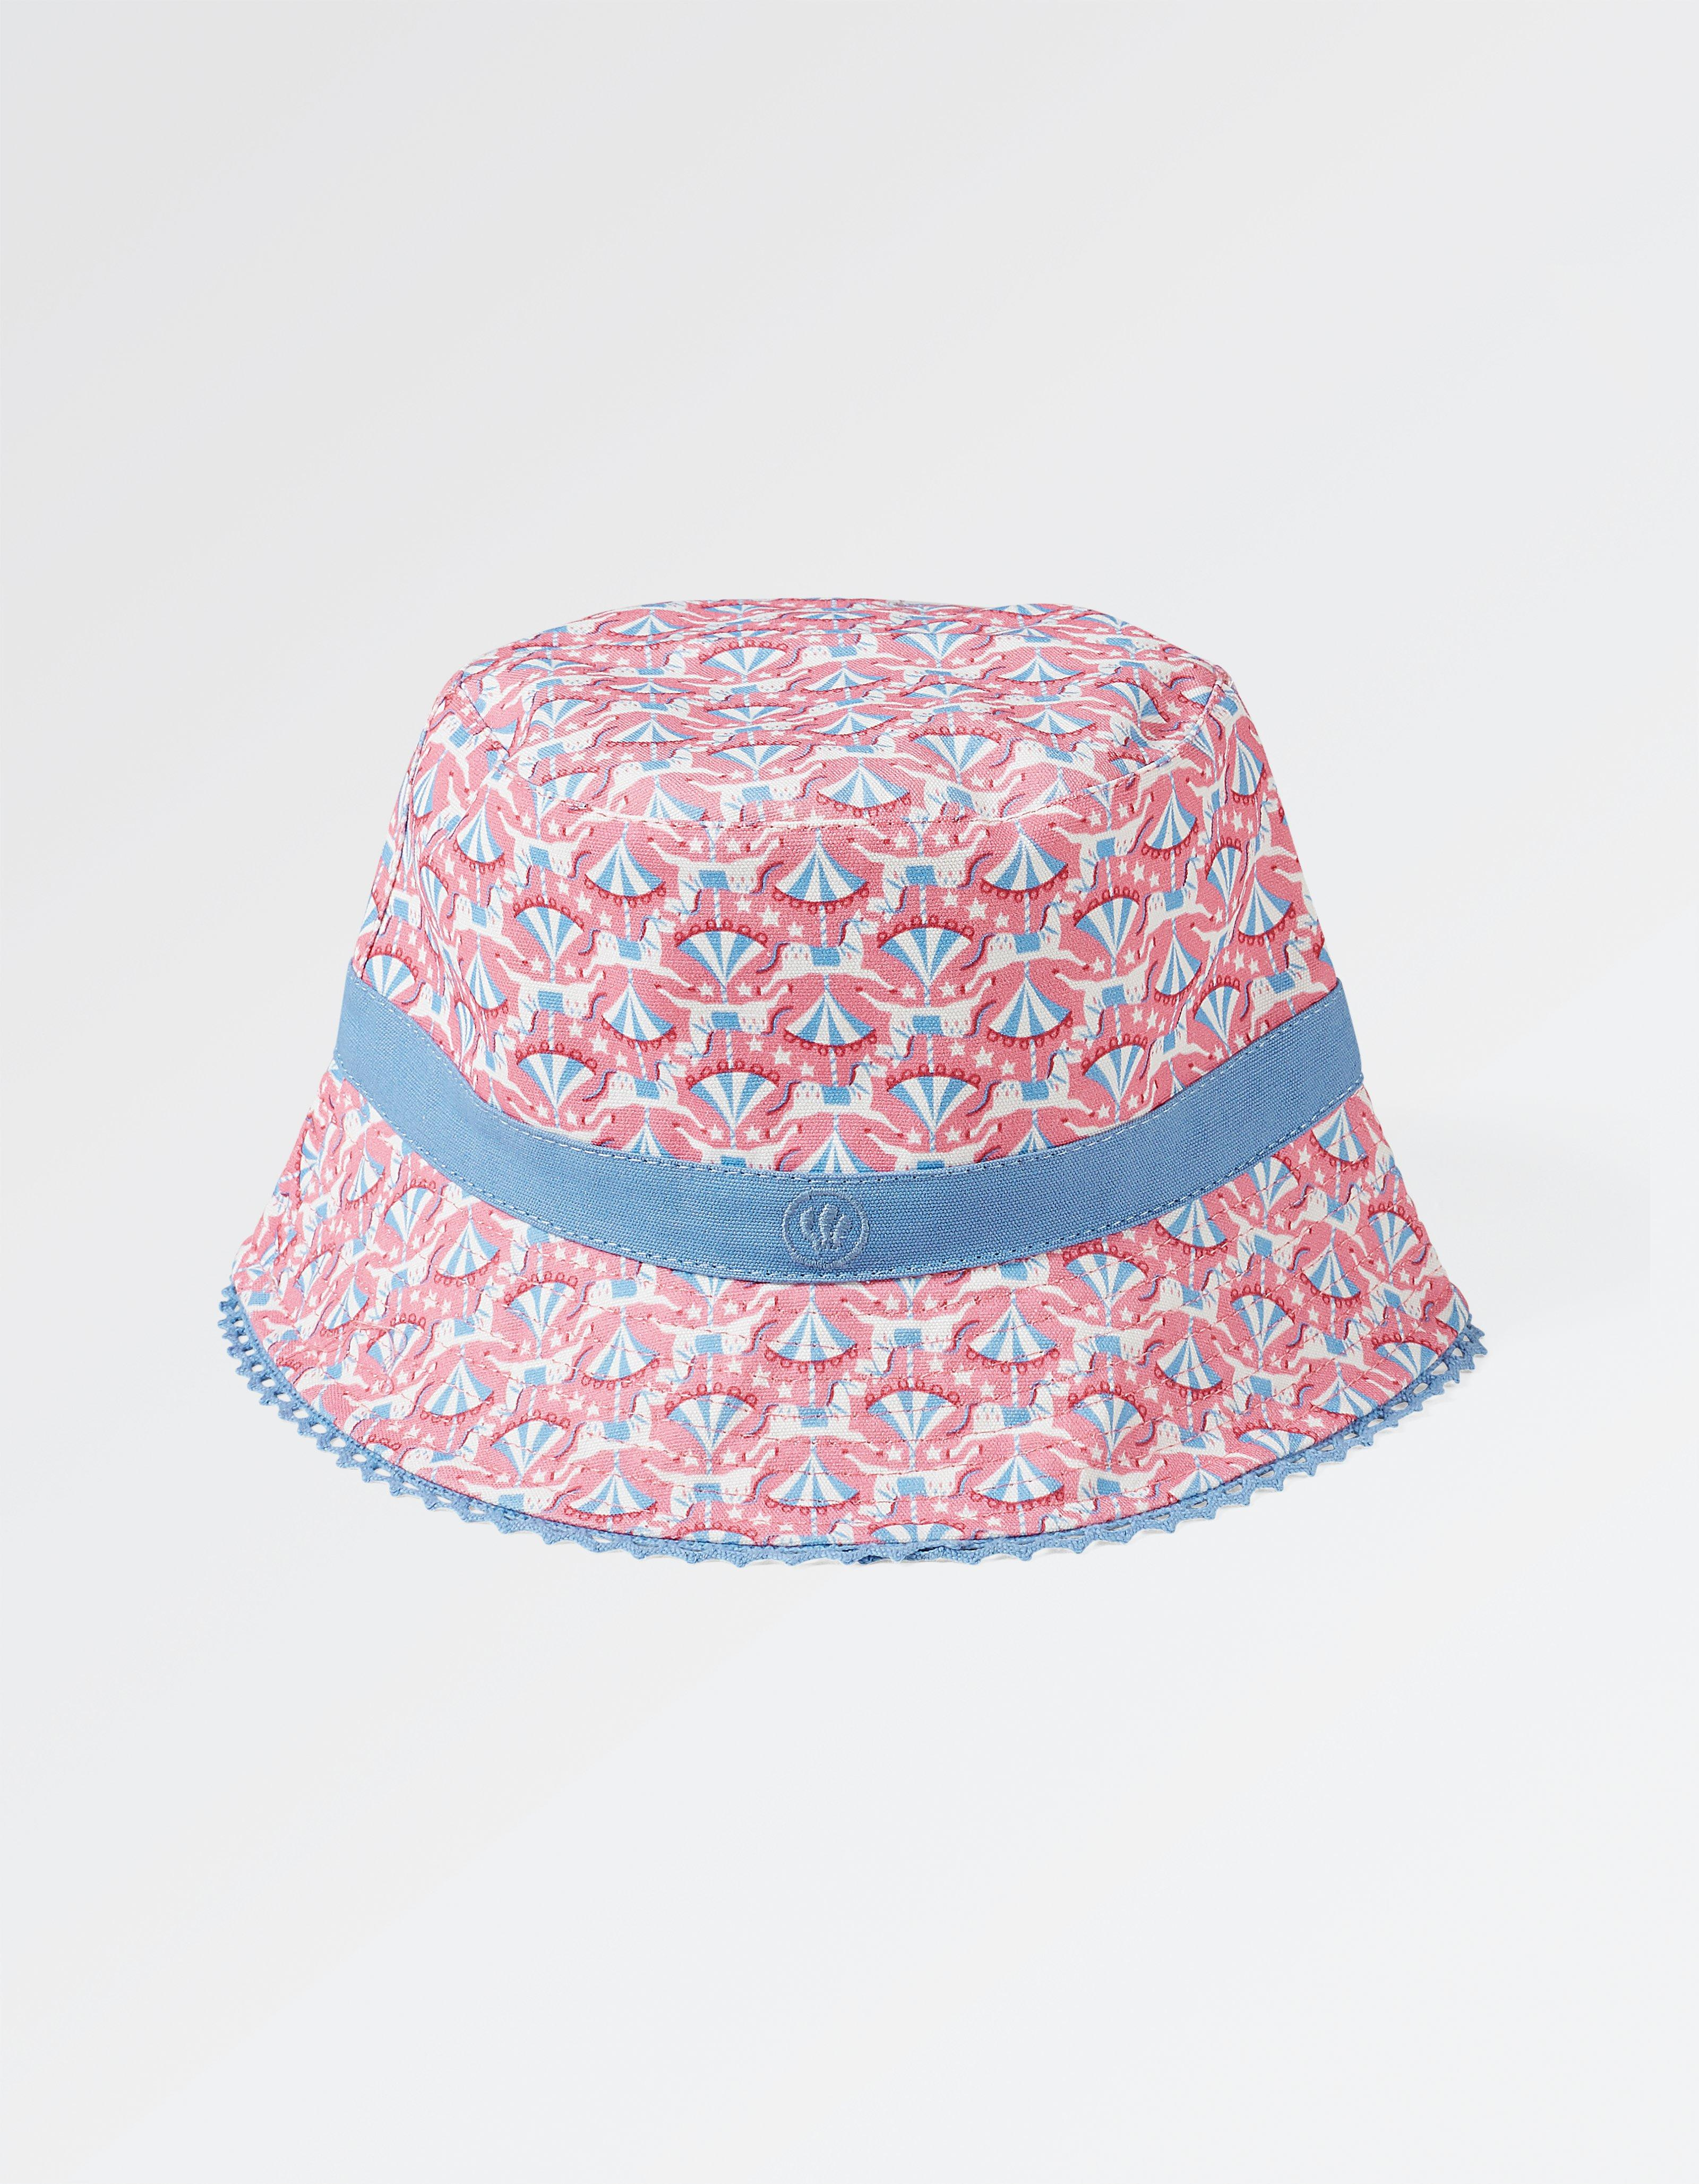 Funfair Print Bucket Hat